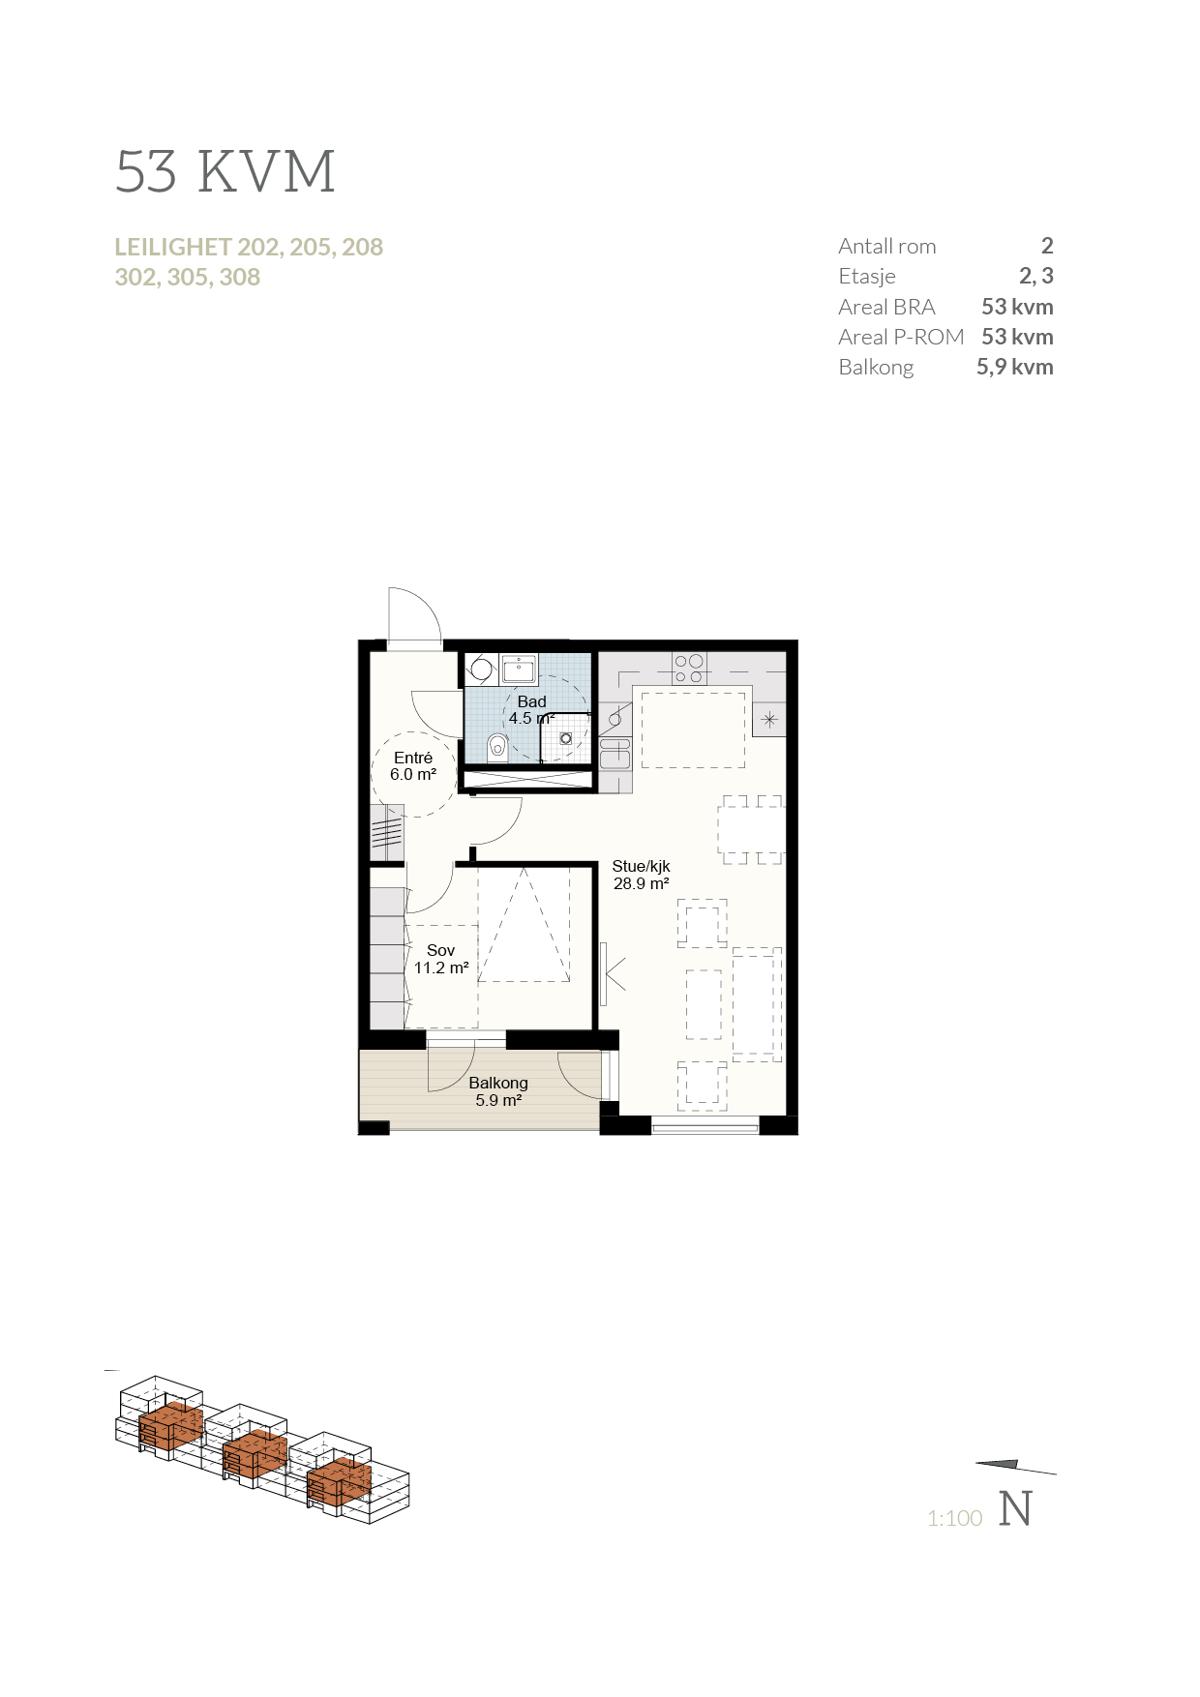 Plantegning leilighet 205